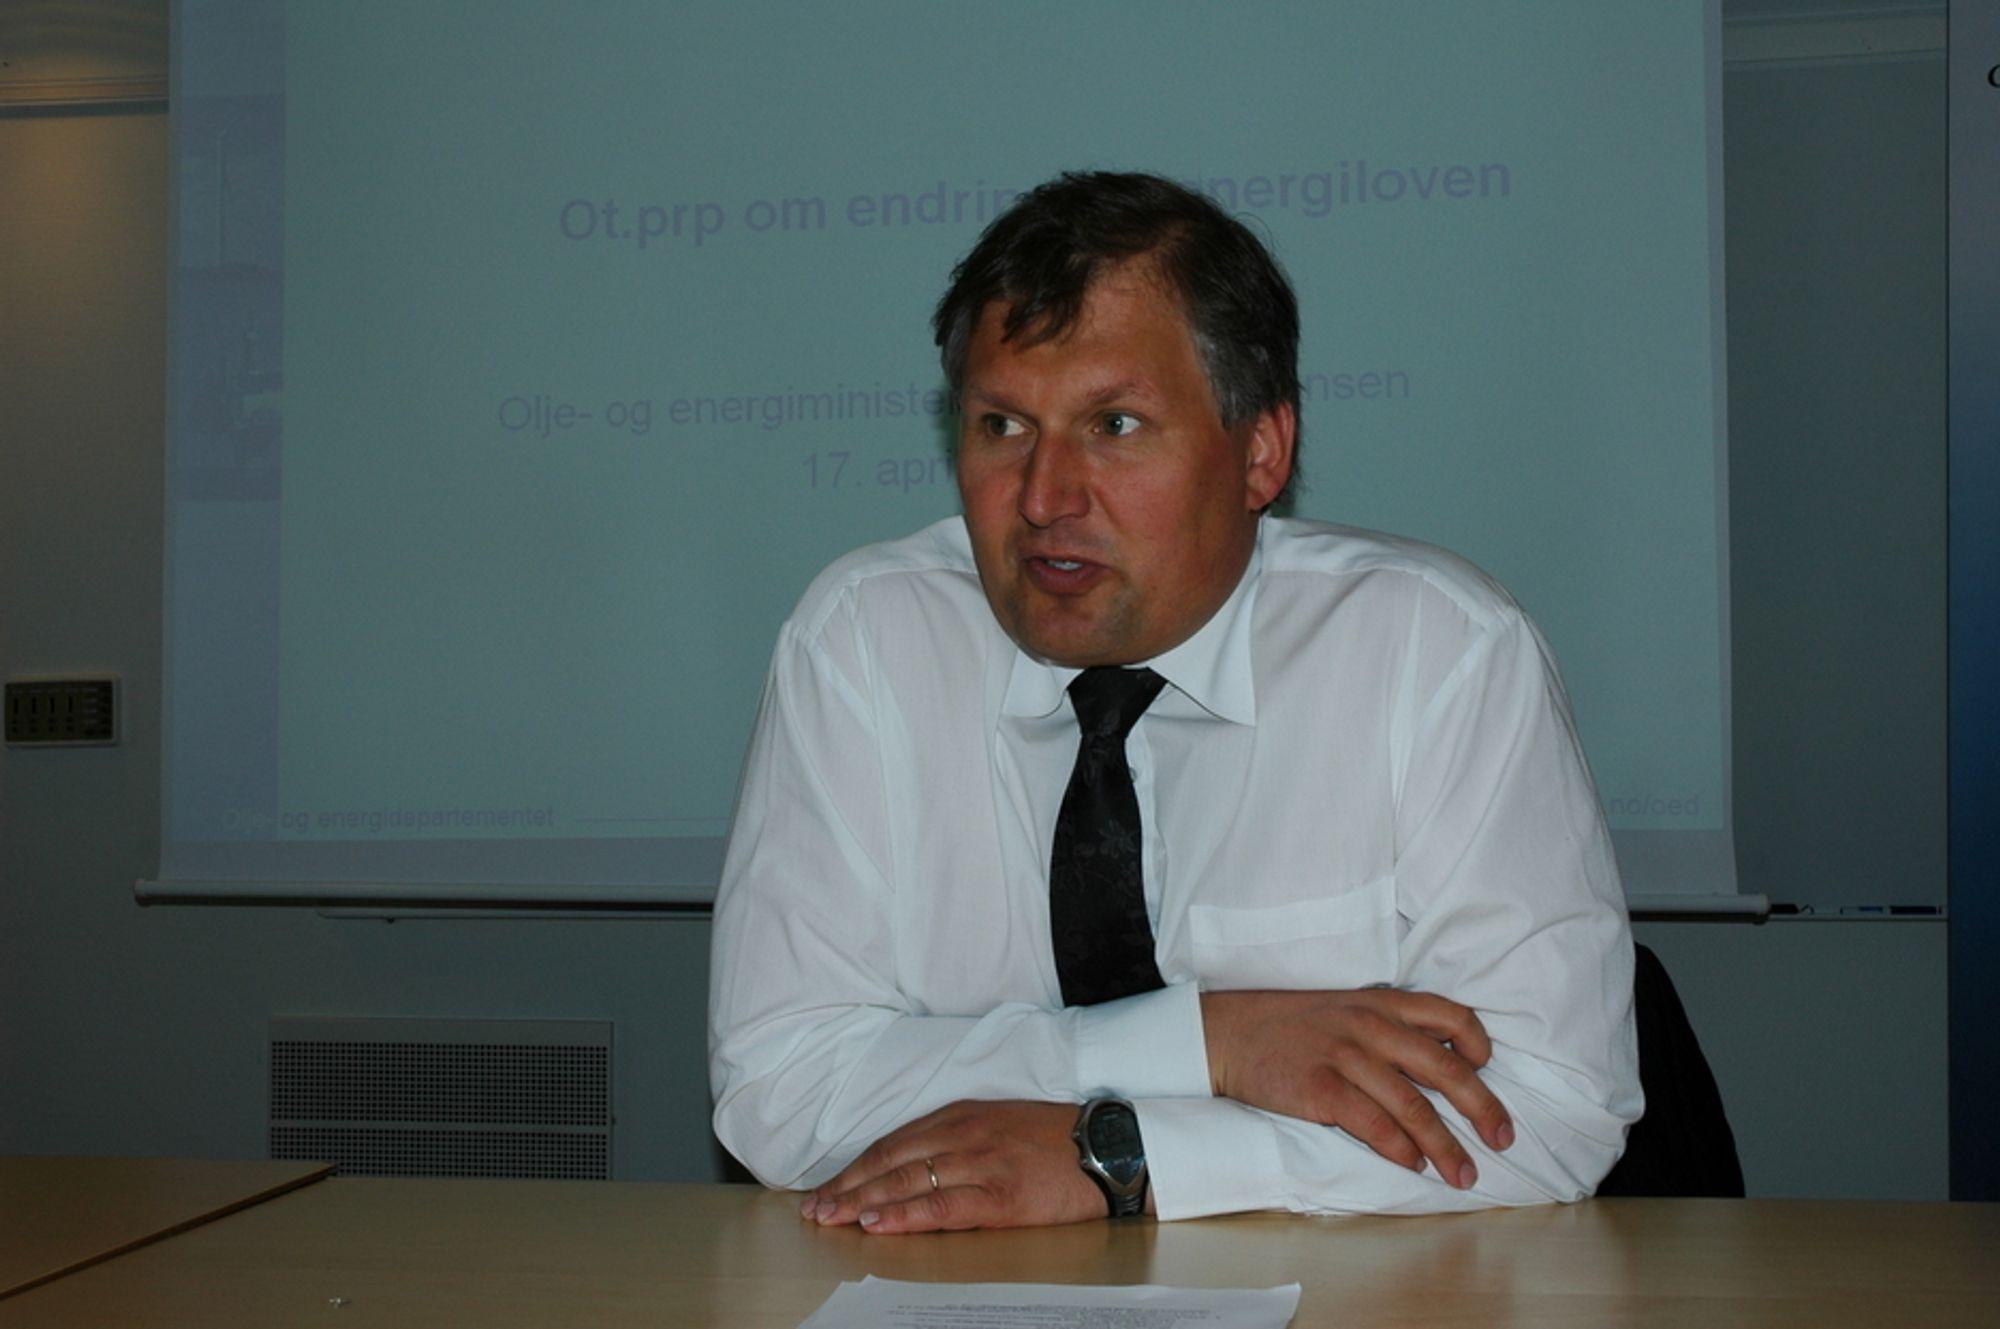 Terje Riis-Johansen legger frem Energiloven 17. april 2009.